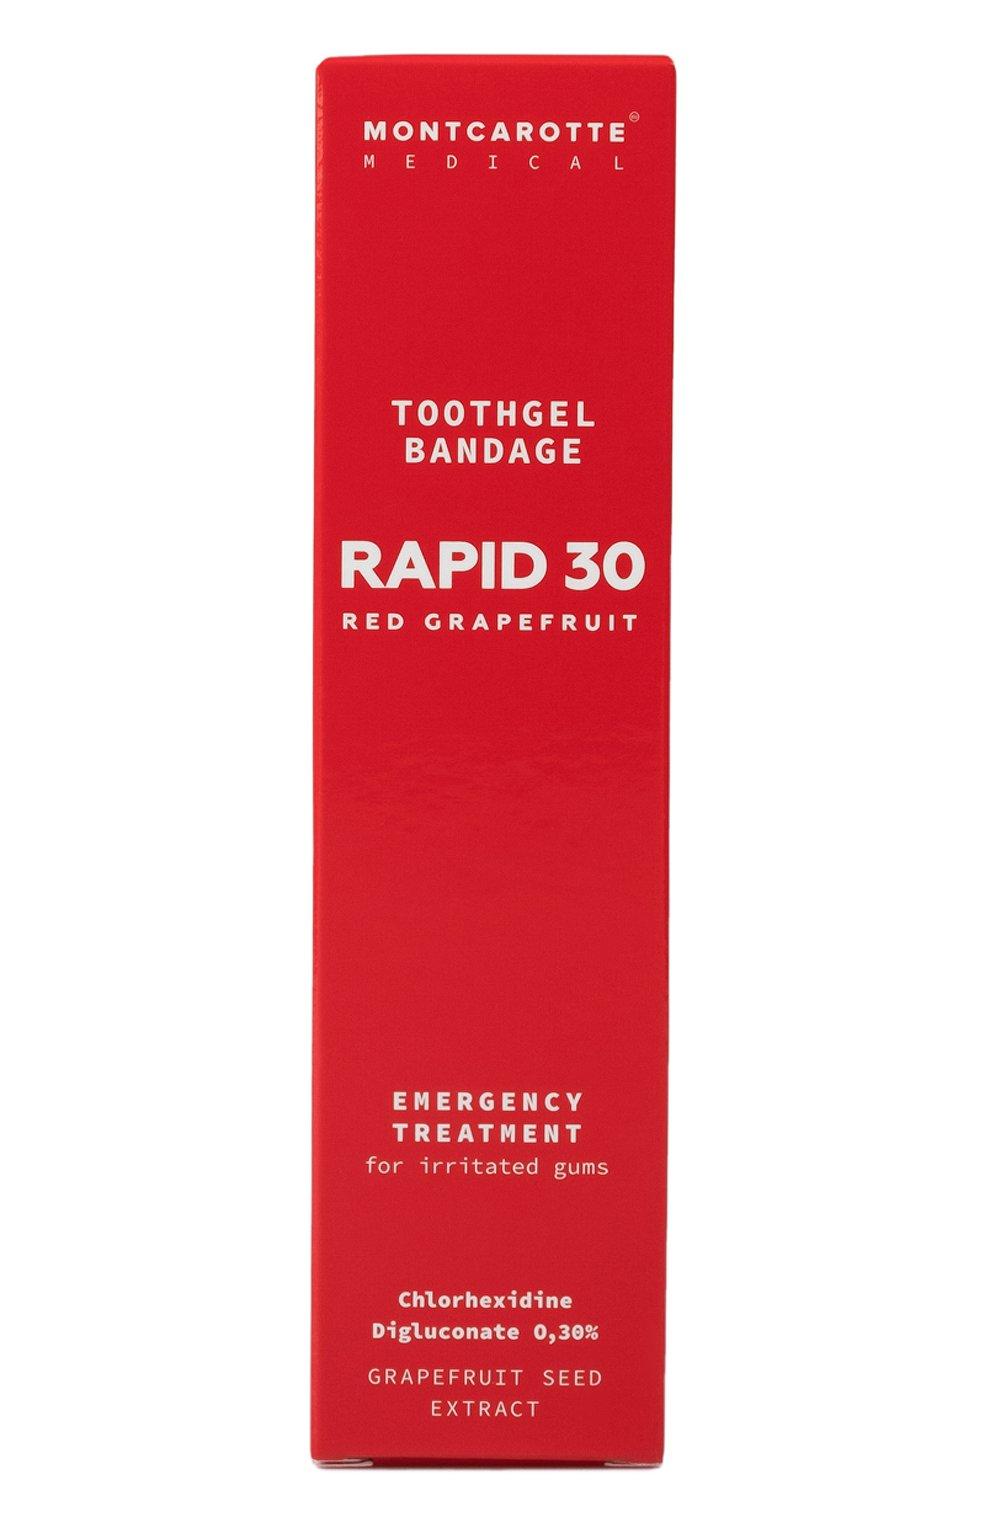 Зубной гель-бандаж для полости рта rapid 30 red grapefruit MONTCAROTTE бесцветного цвета, арт. MCM0430   Фото 2